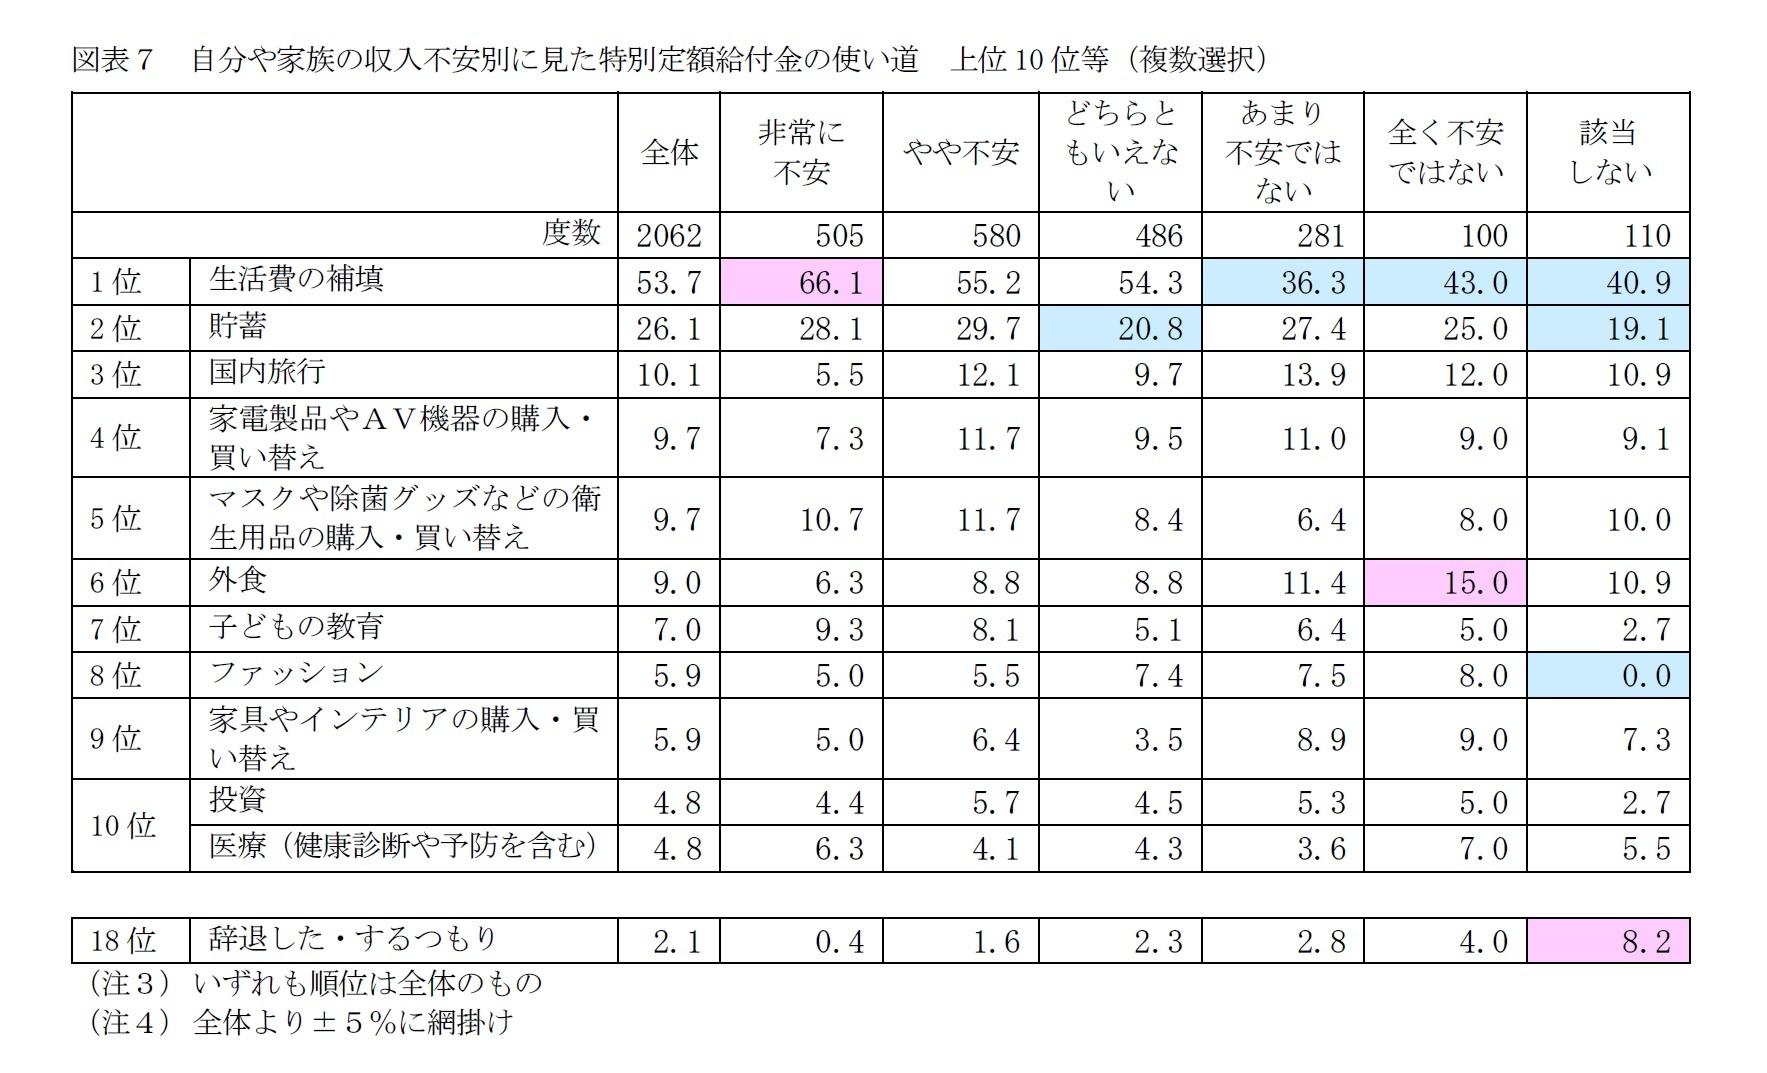 図表7 自分や家族の収入不安別に見た特別定額給付金の使い道 上位10位等(複数選択)